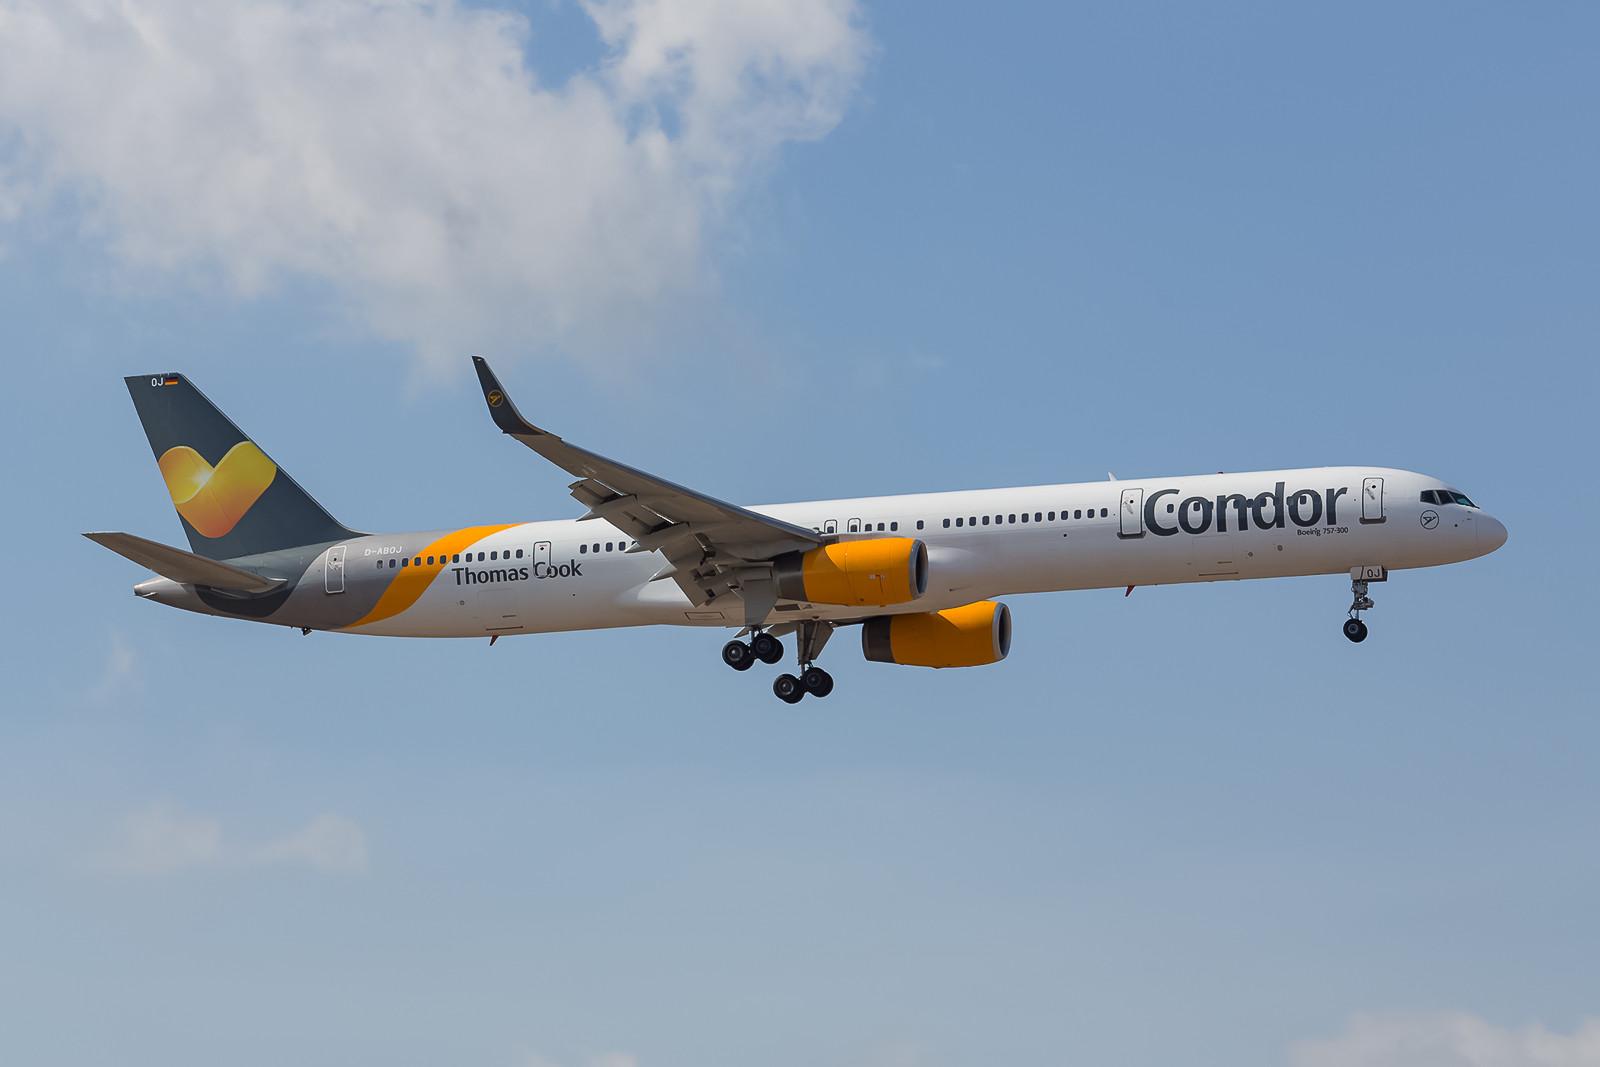 Die D-ABOJ, eine Boeing 757-330 der Condor schon in den neuen Farben der Thomas Cook Group.